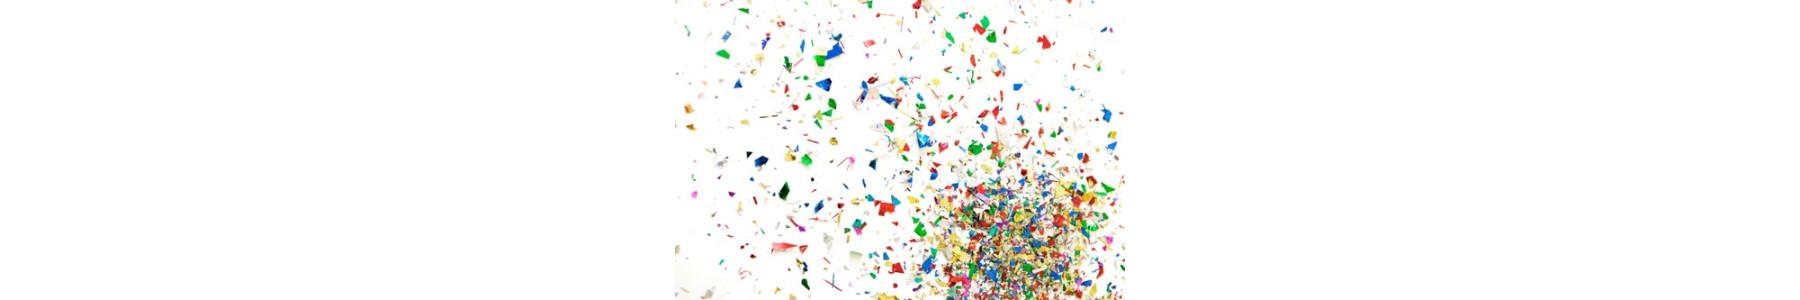 Tunuri confetti